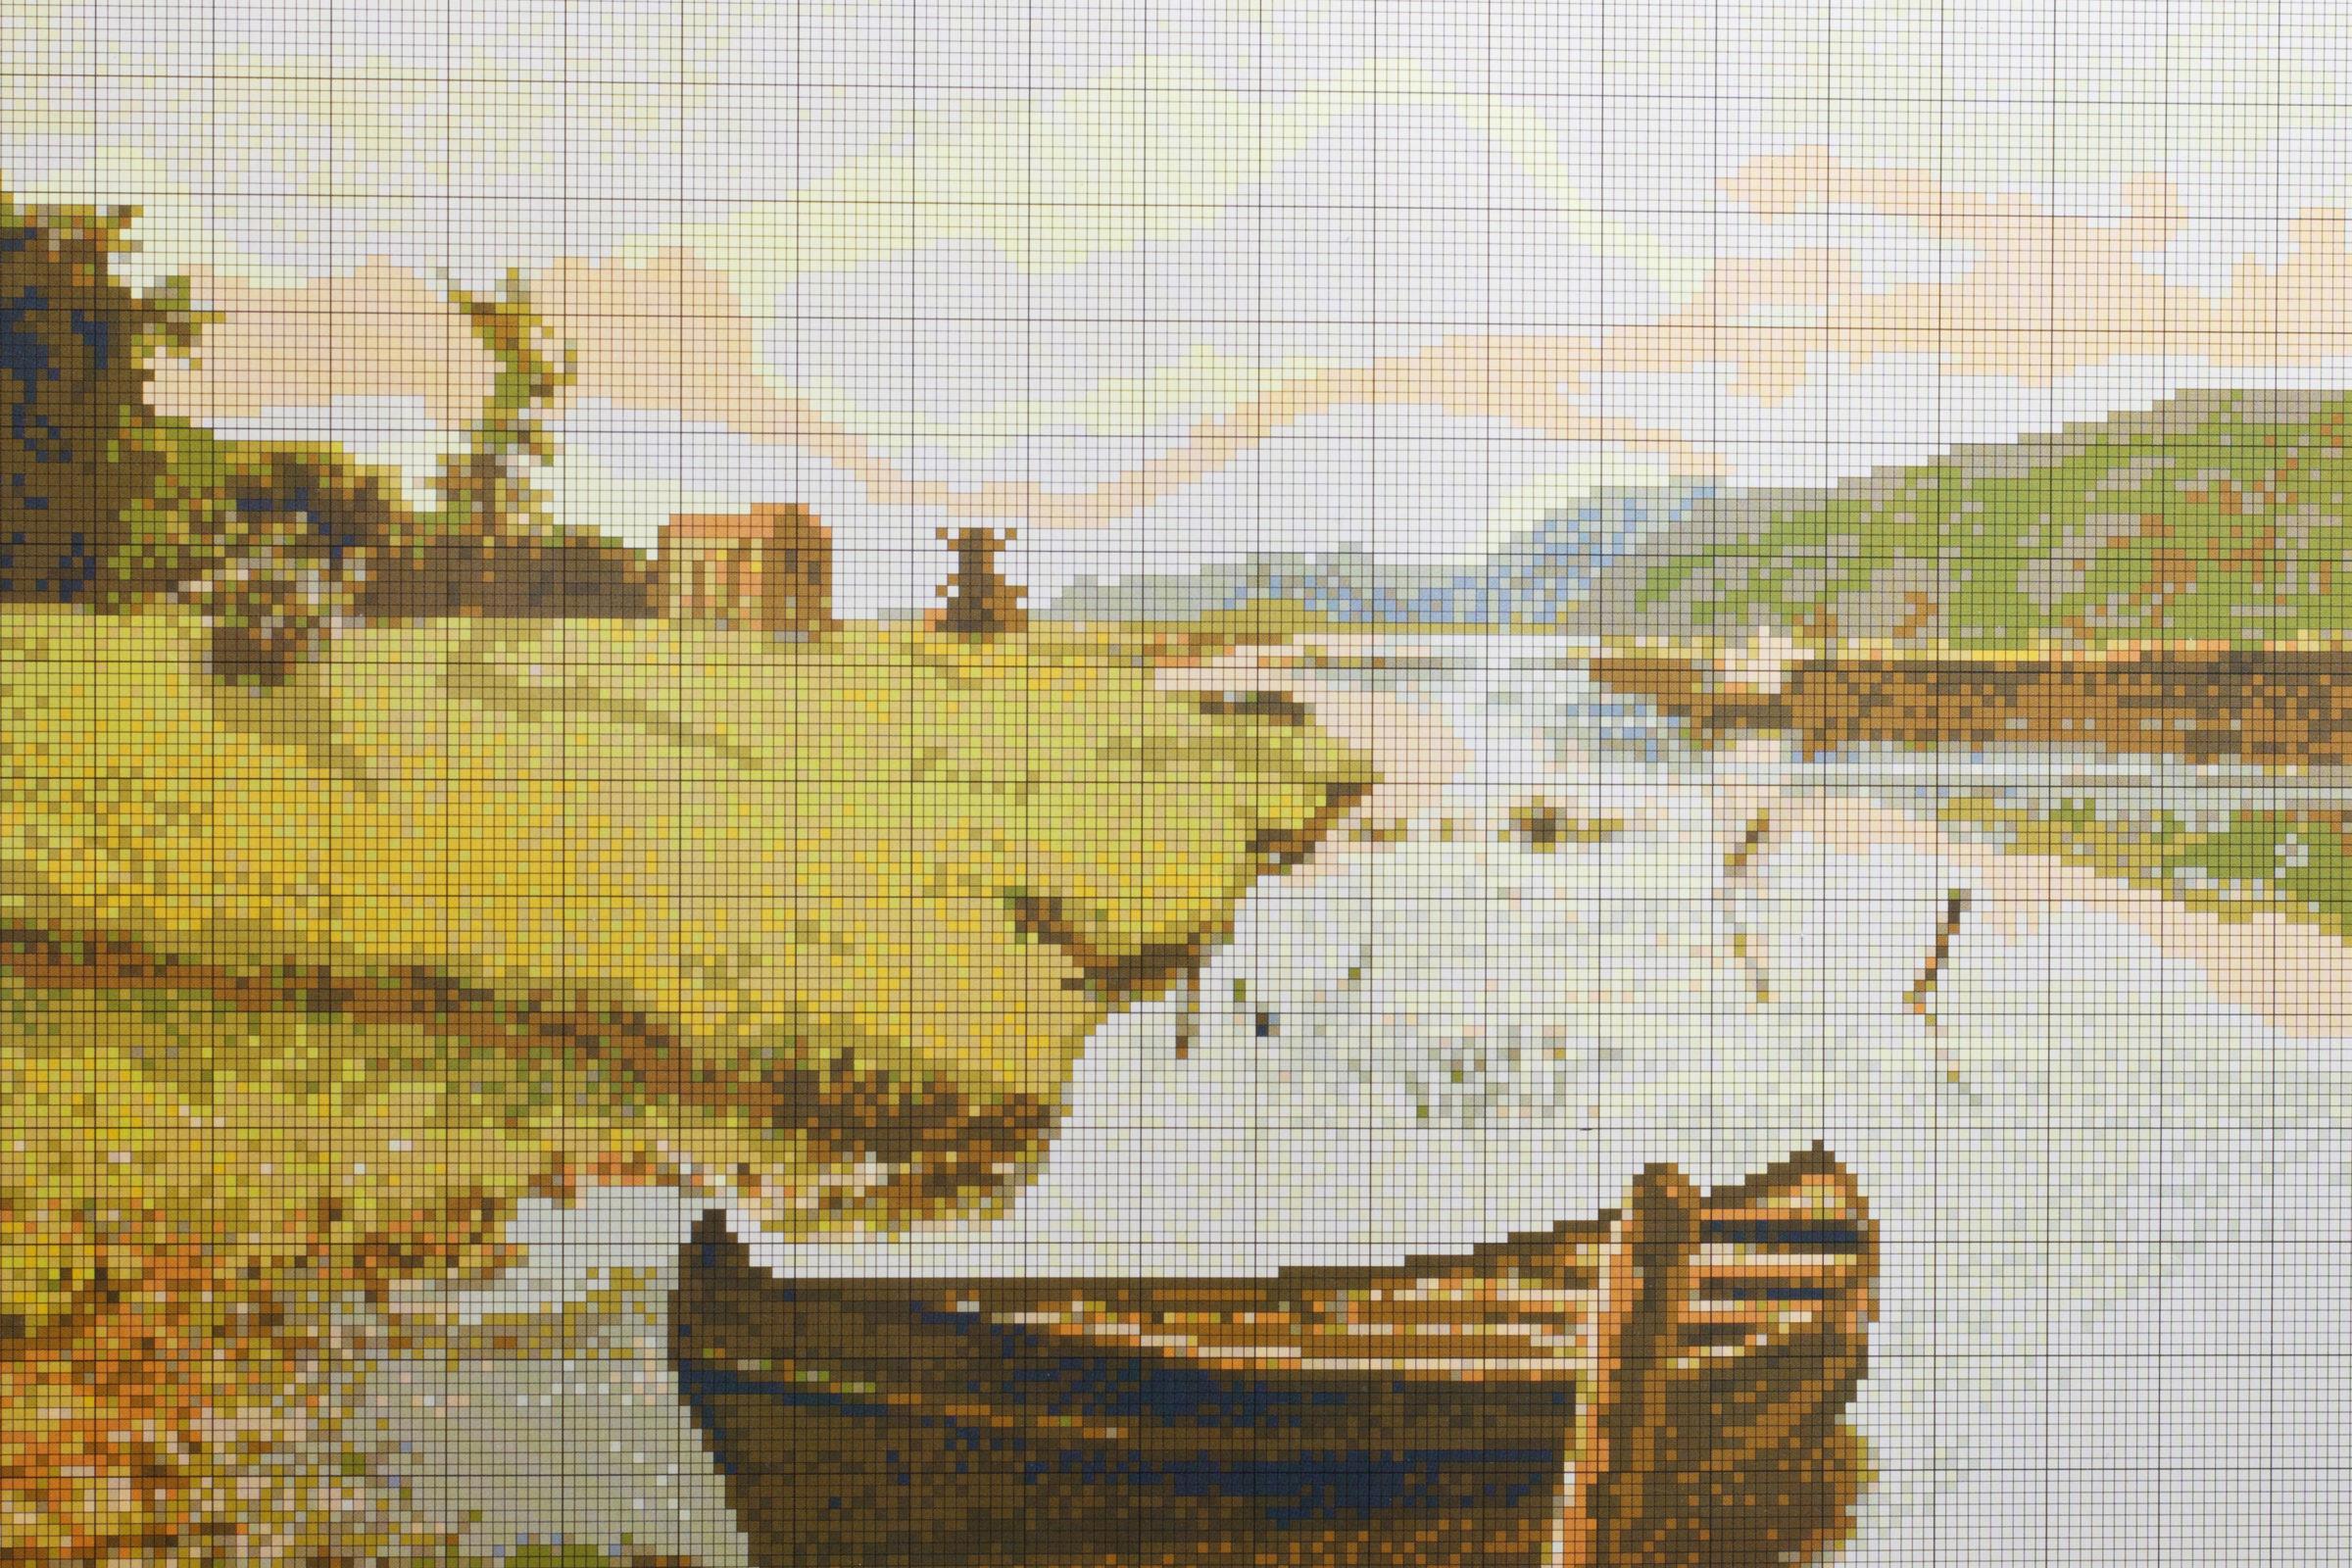 вышивка у реки искусница схема